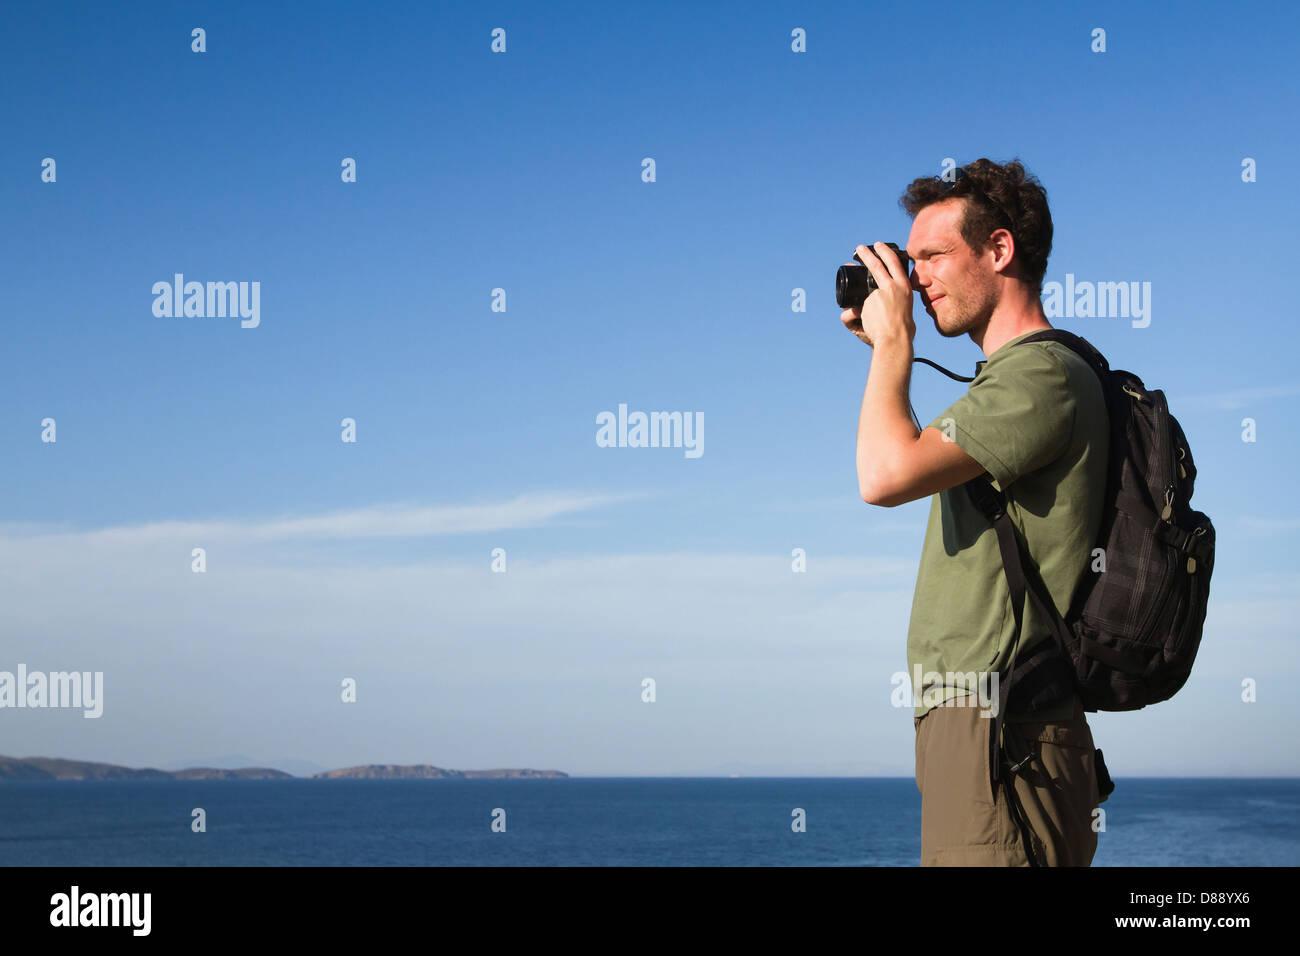 Photographe et voyageur avec le sac à dos pour prendre des photos en plein air Photo Stock